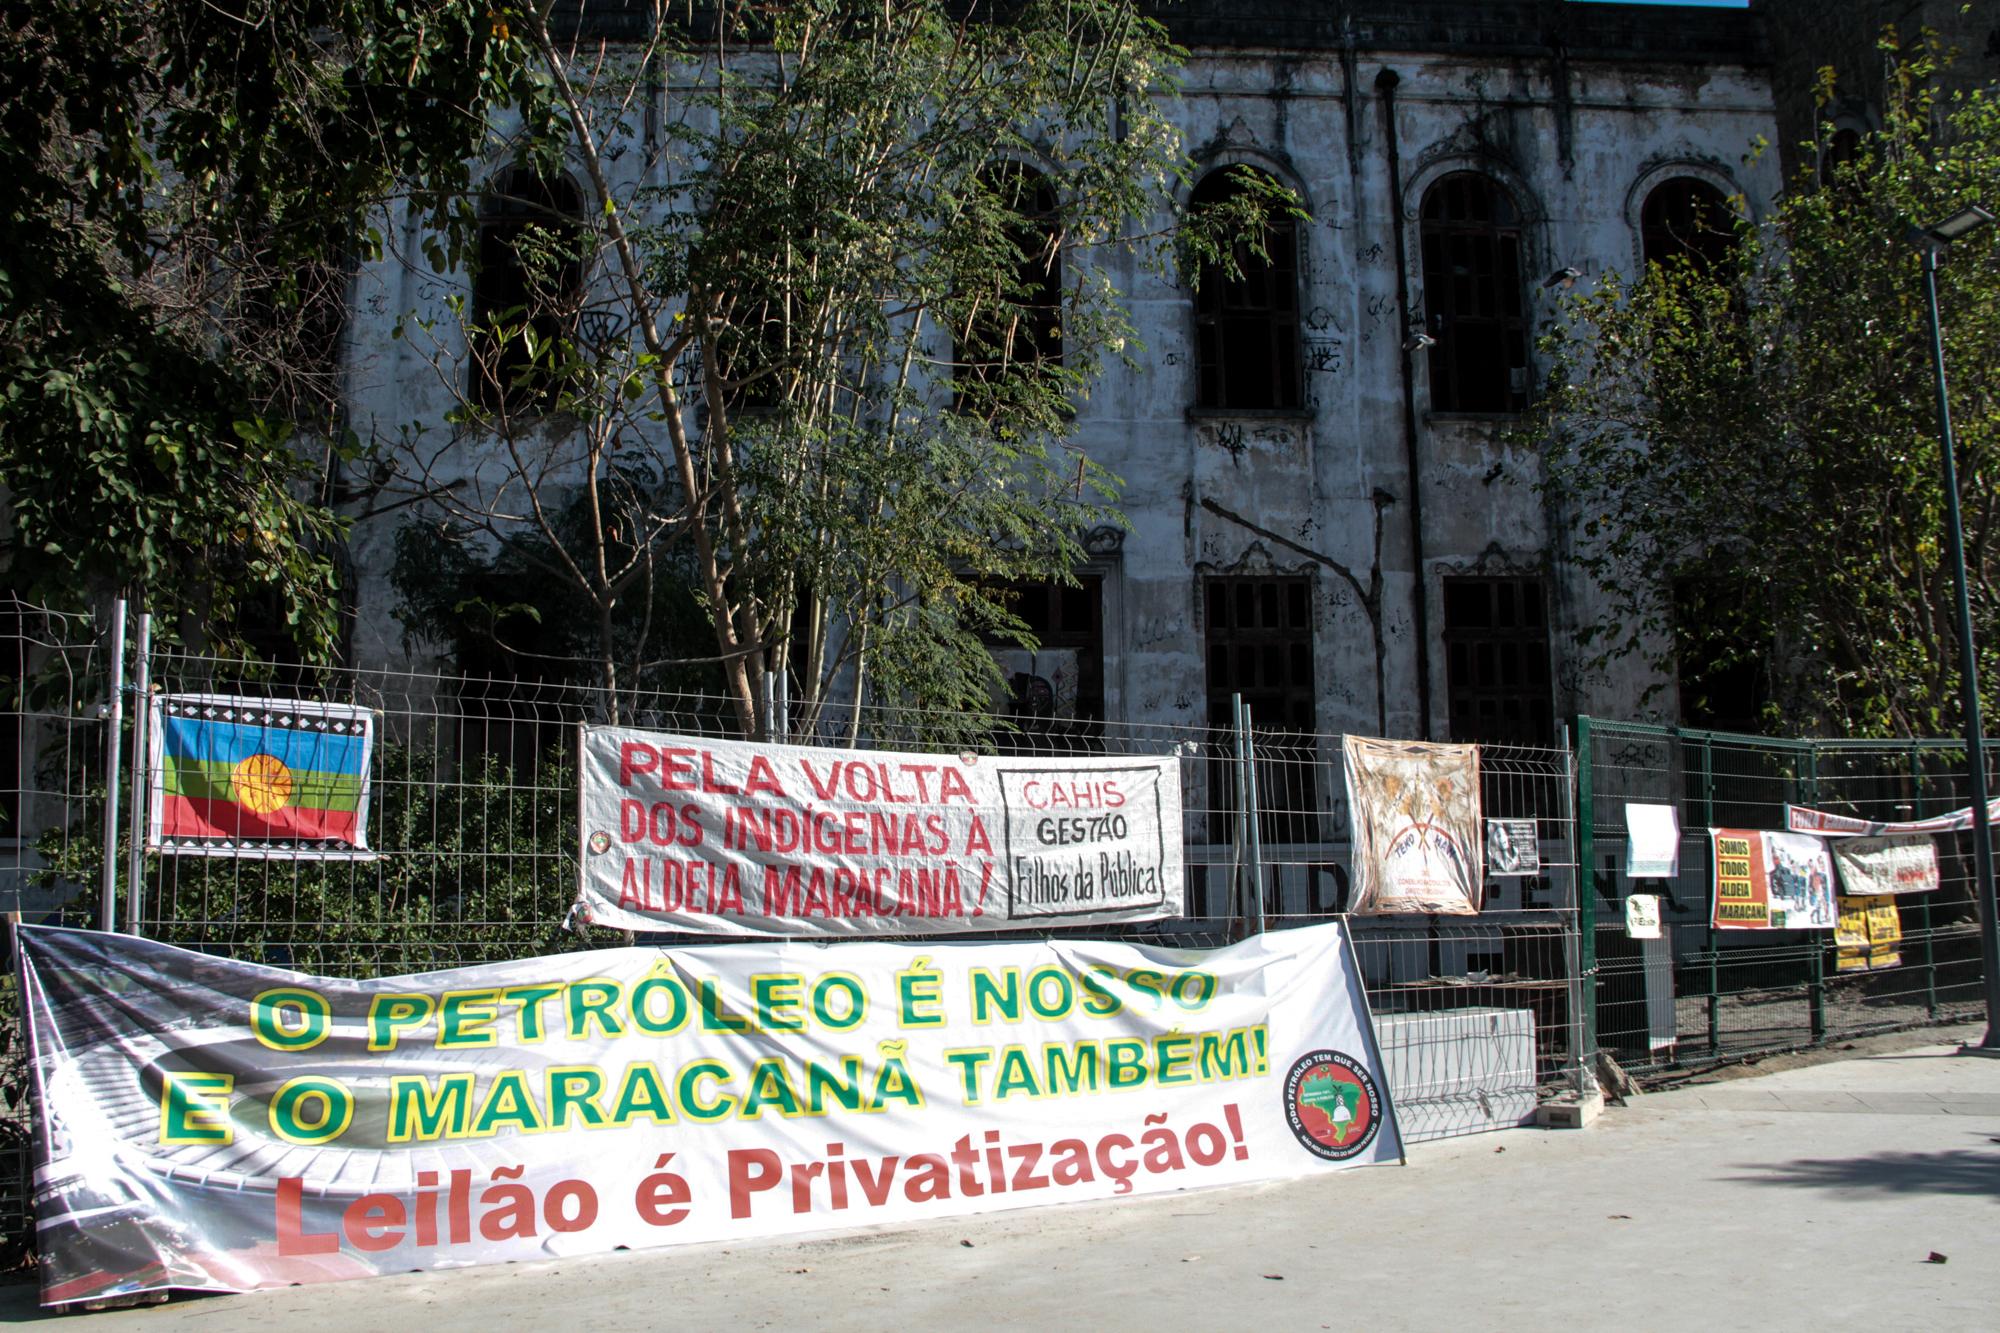 Manifestação contra ameaça de despejo da Aldeia Maracanâ, durante a Copa das Confederações: anos de disputa e polêmica (Foto: Nestor J. Beremblum / Brazil Photo Press / AFP - 0808/2013)